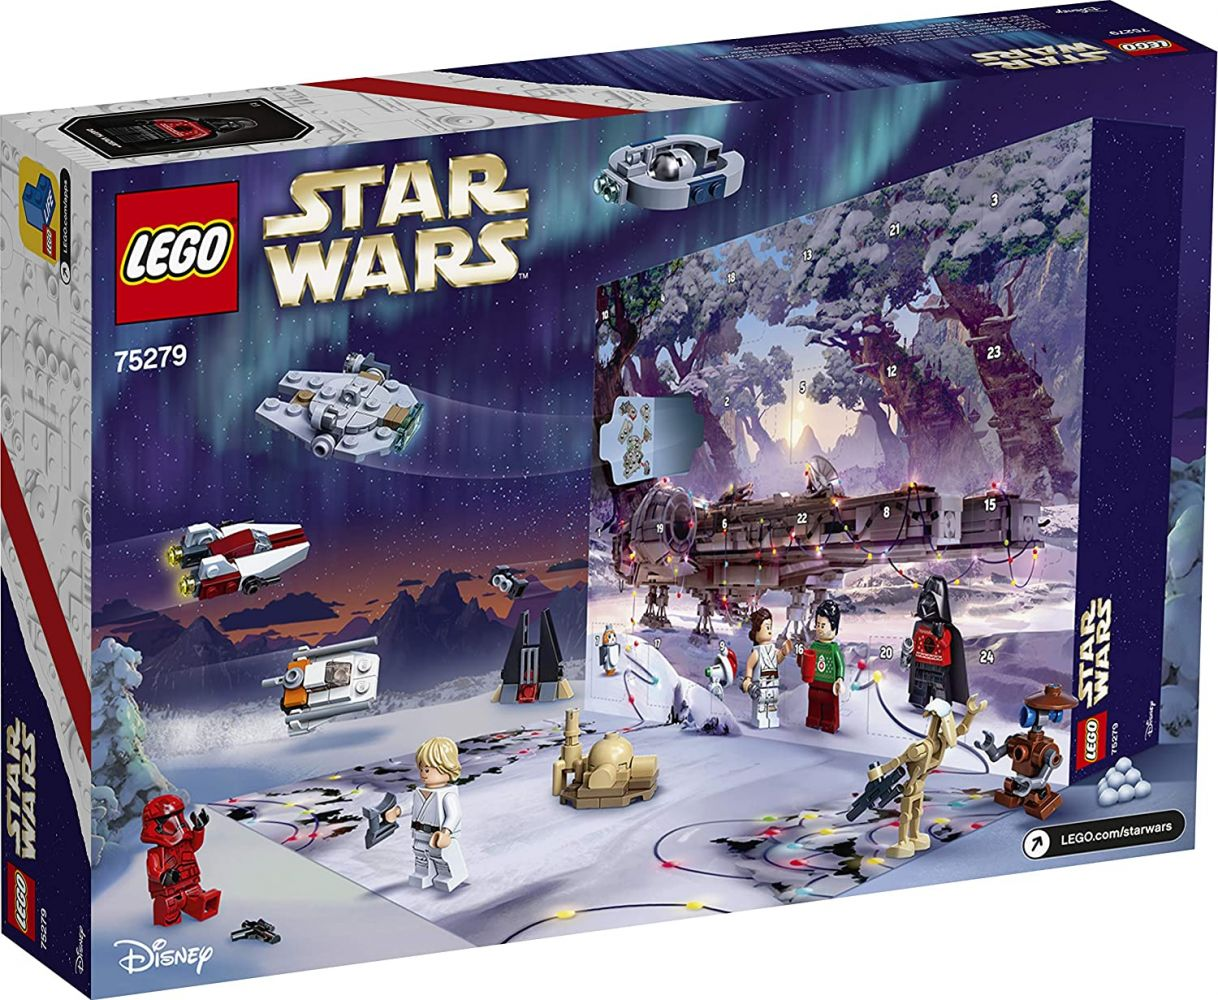 LEGO Star Wars™ 75279, Adventskalender 2020, Weihnachtskalender mit 24 Türchen, Mini Bauset mit legendären Charakteren und Raumschiffen Bild 1